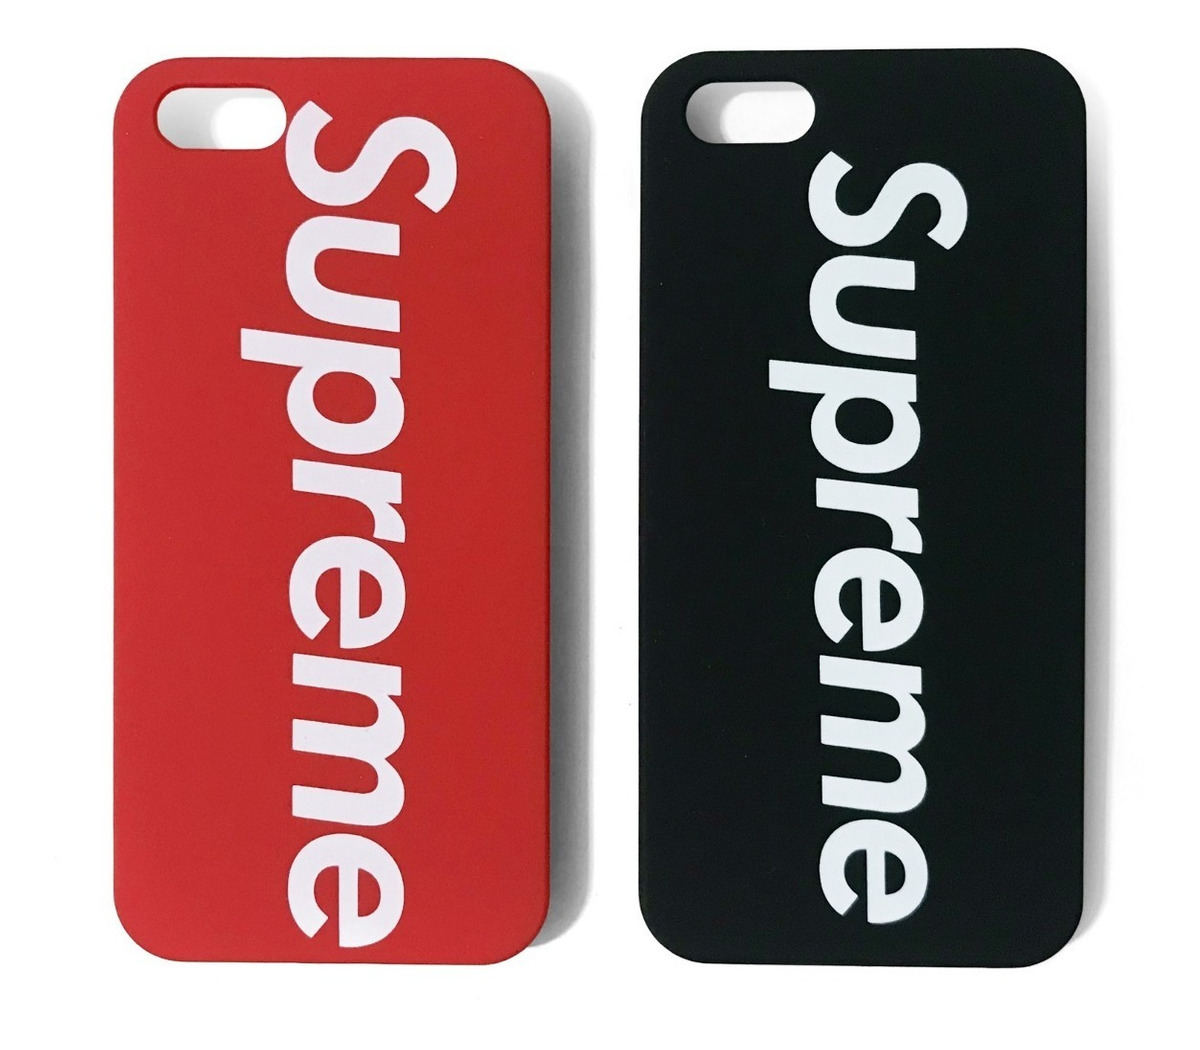 huge selection of b400d f1e5c Capinha Case Supreme iPhone 4 5 5s E Se Fosca Pronta Entrega